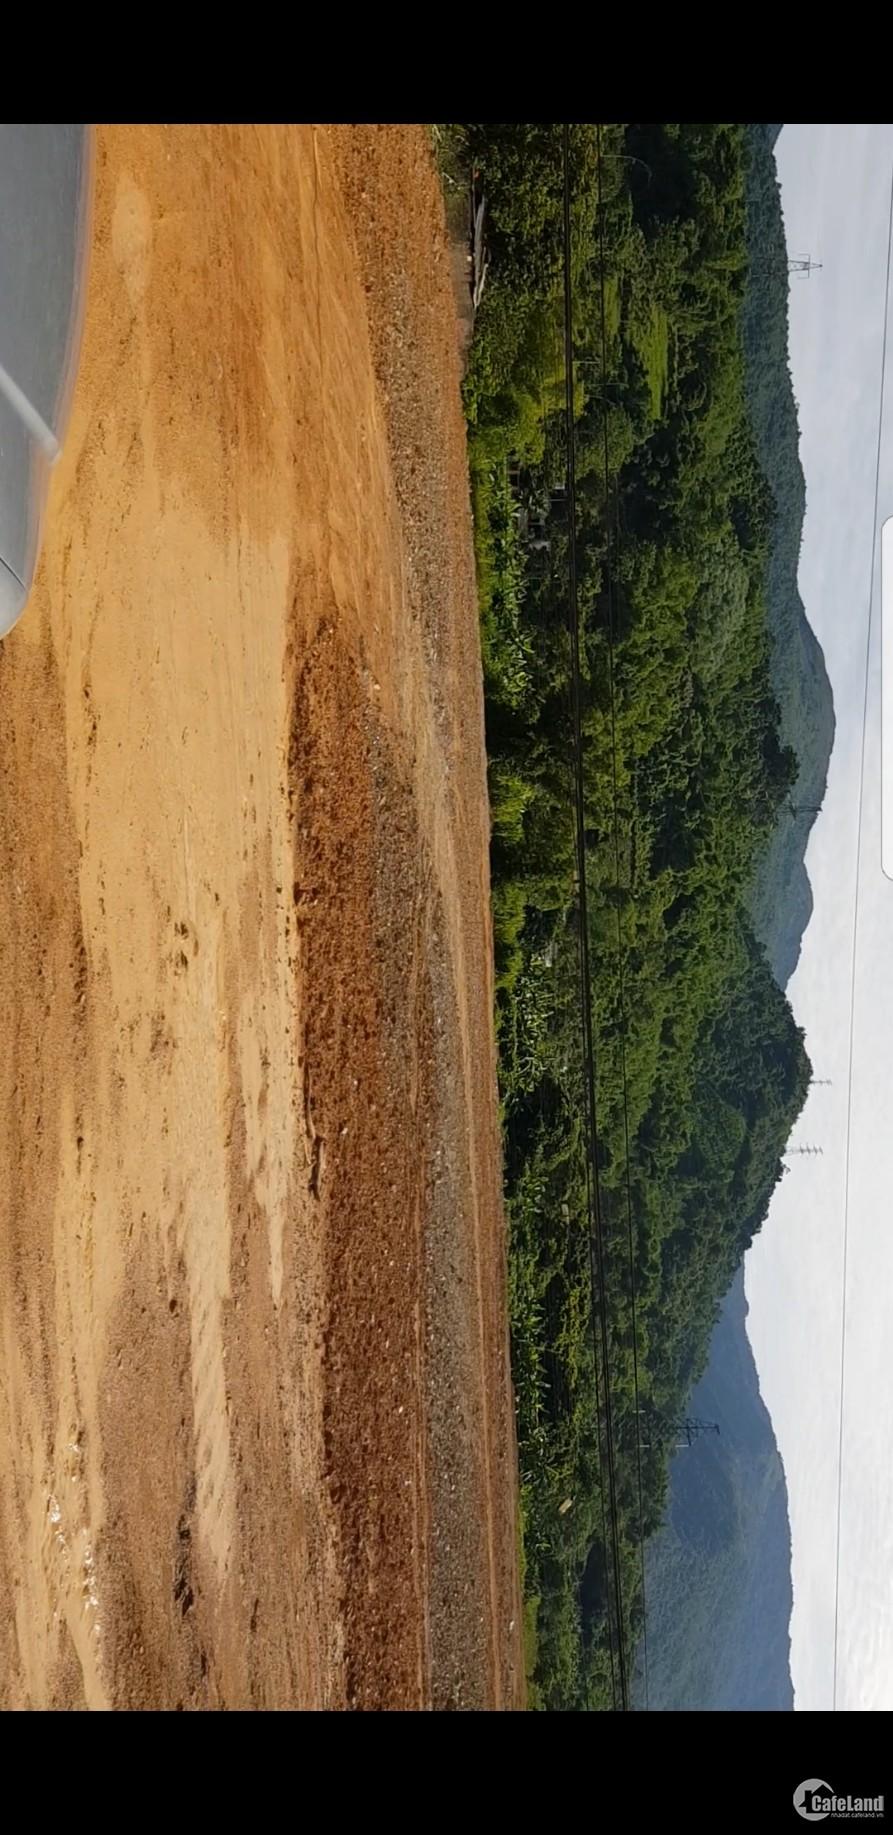 Chính chủ cần bán 1 Cửa hàng xăng dầu và 1 lô đất ở Kỳ Sơn Hòa Bình